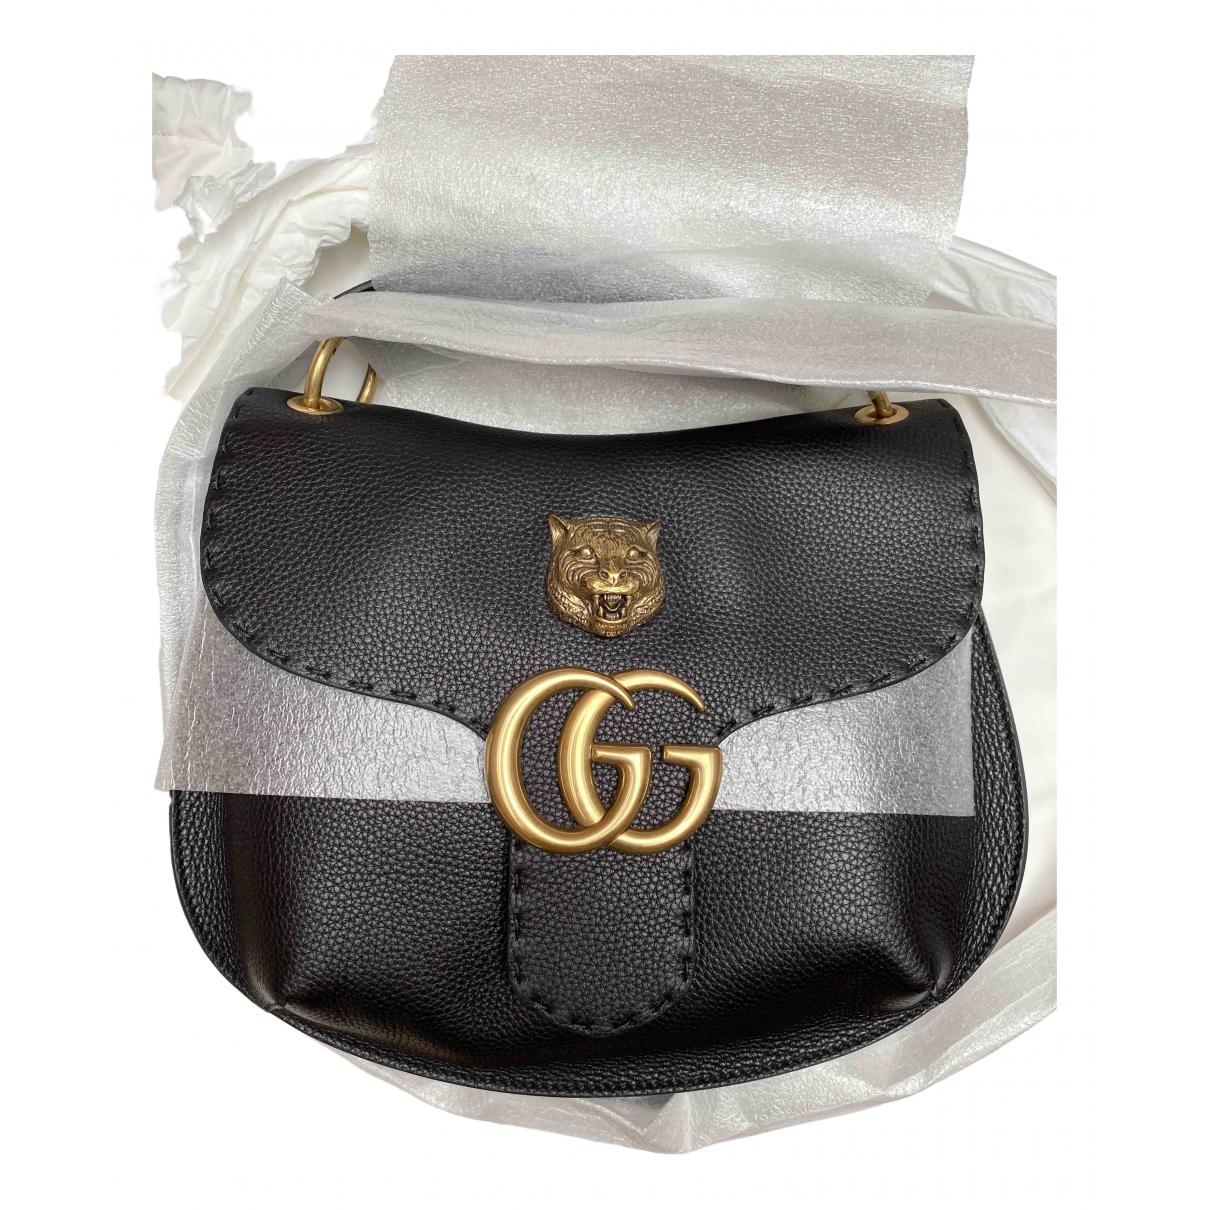 Gucci - Sac a main Animalier pour femme en cuir - noir